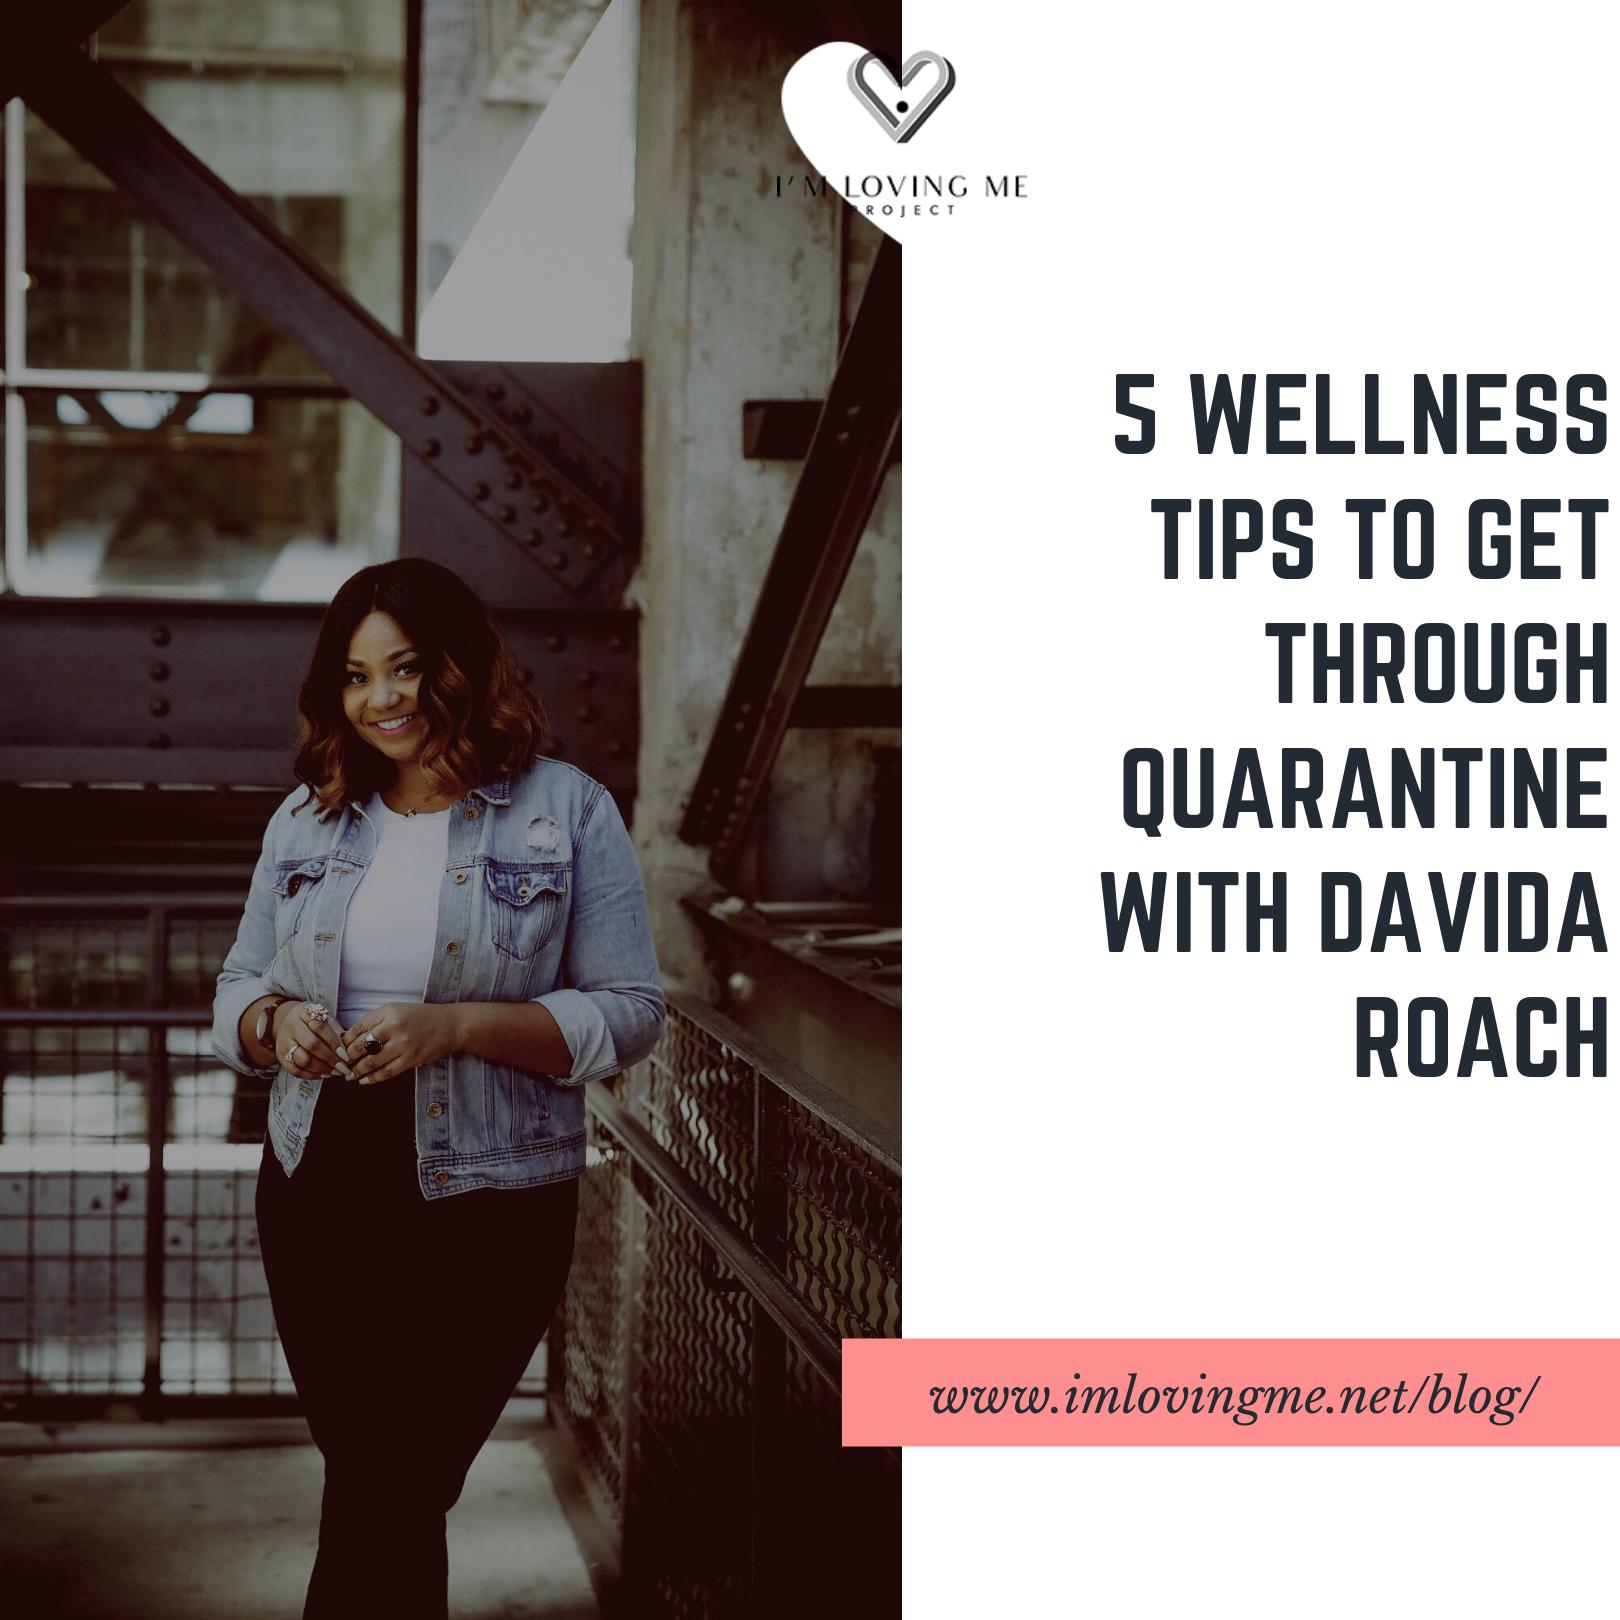 5 Wellness Tips To Get Through Quarantine